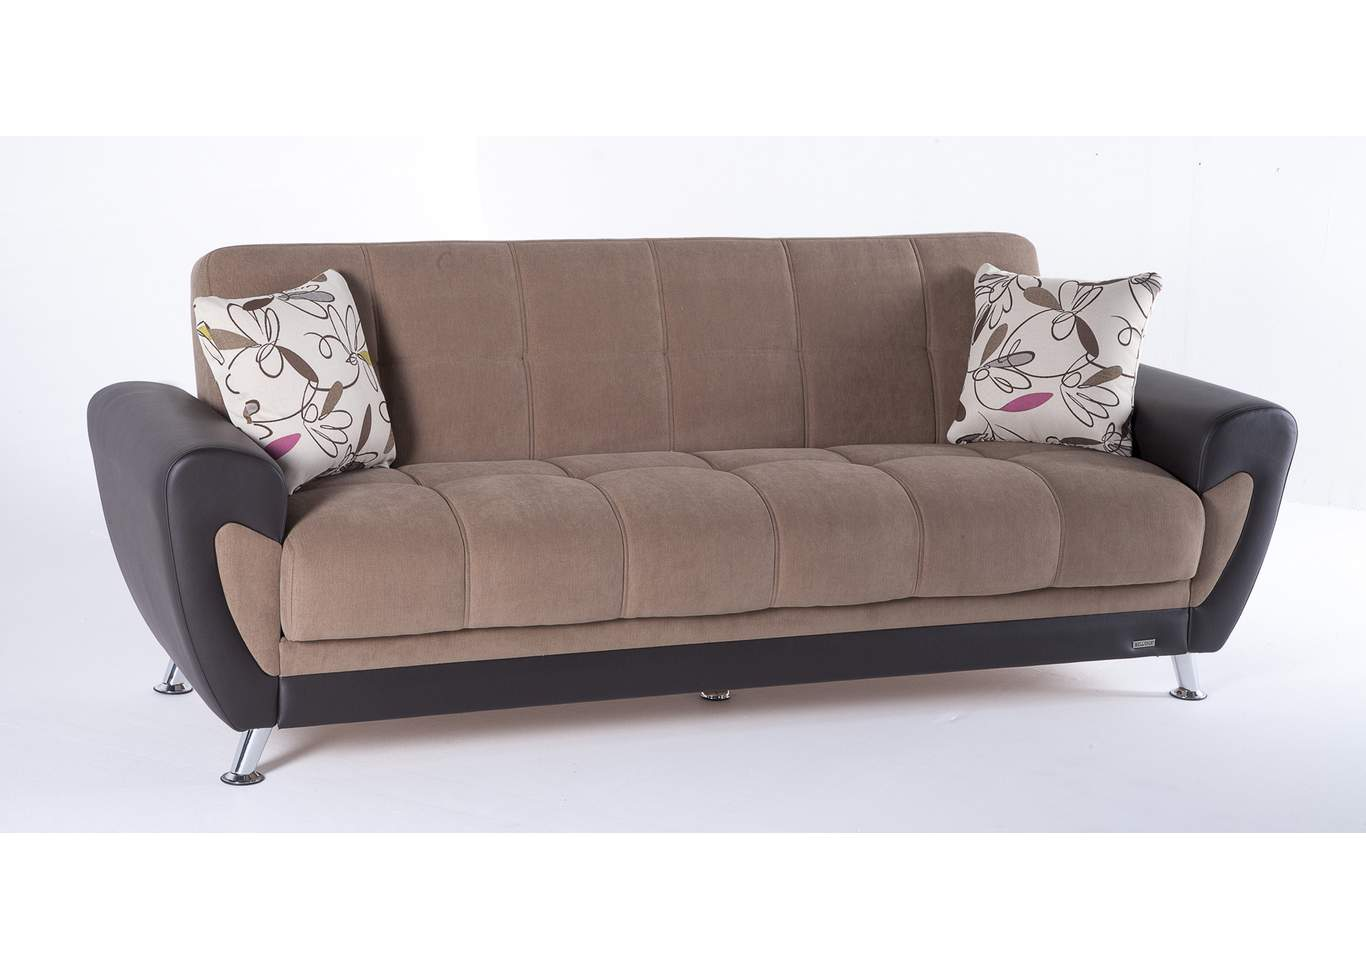 Awe Inspiring Charisma Furniture Duru Optimum Brown 3 Piece Sofa Set Unemploymentrelief Wooden Chair Designs For Living Room Unemploymentrelieforg